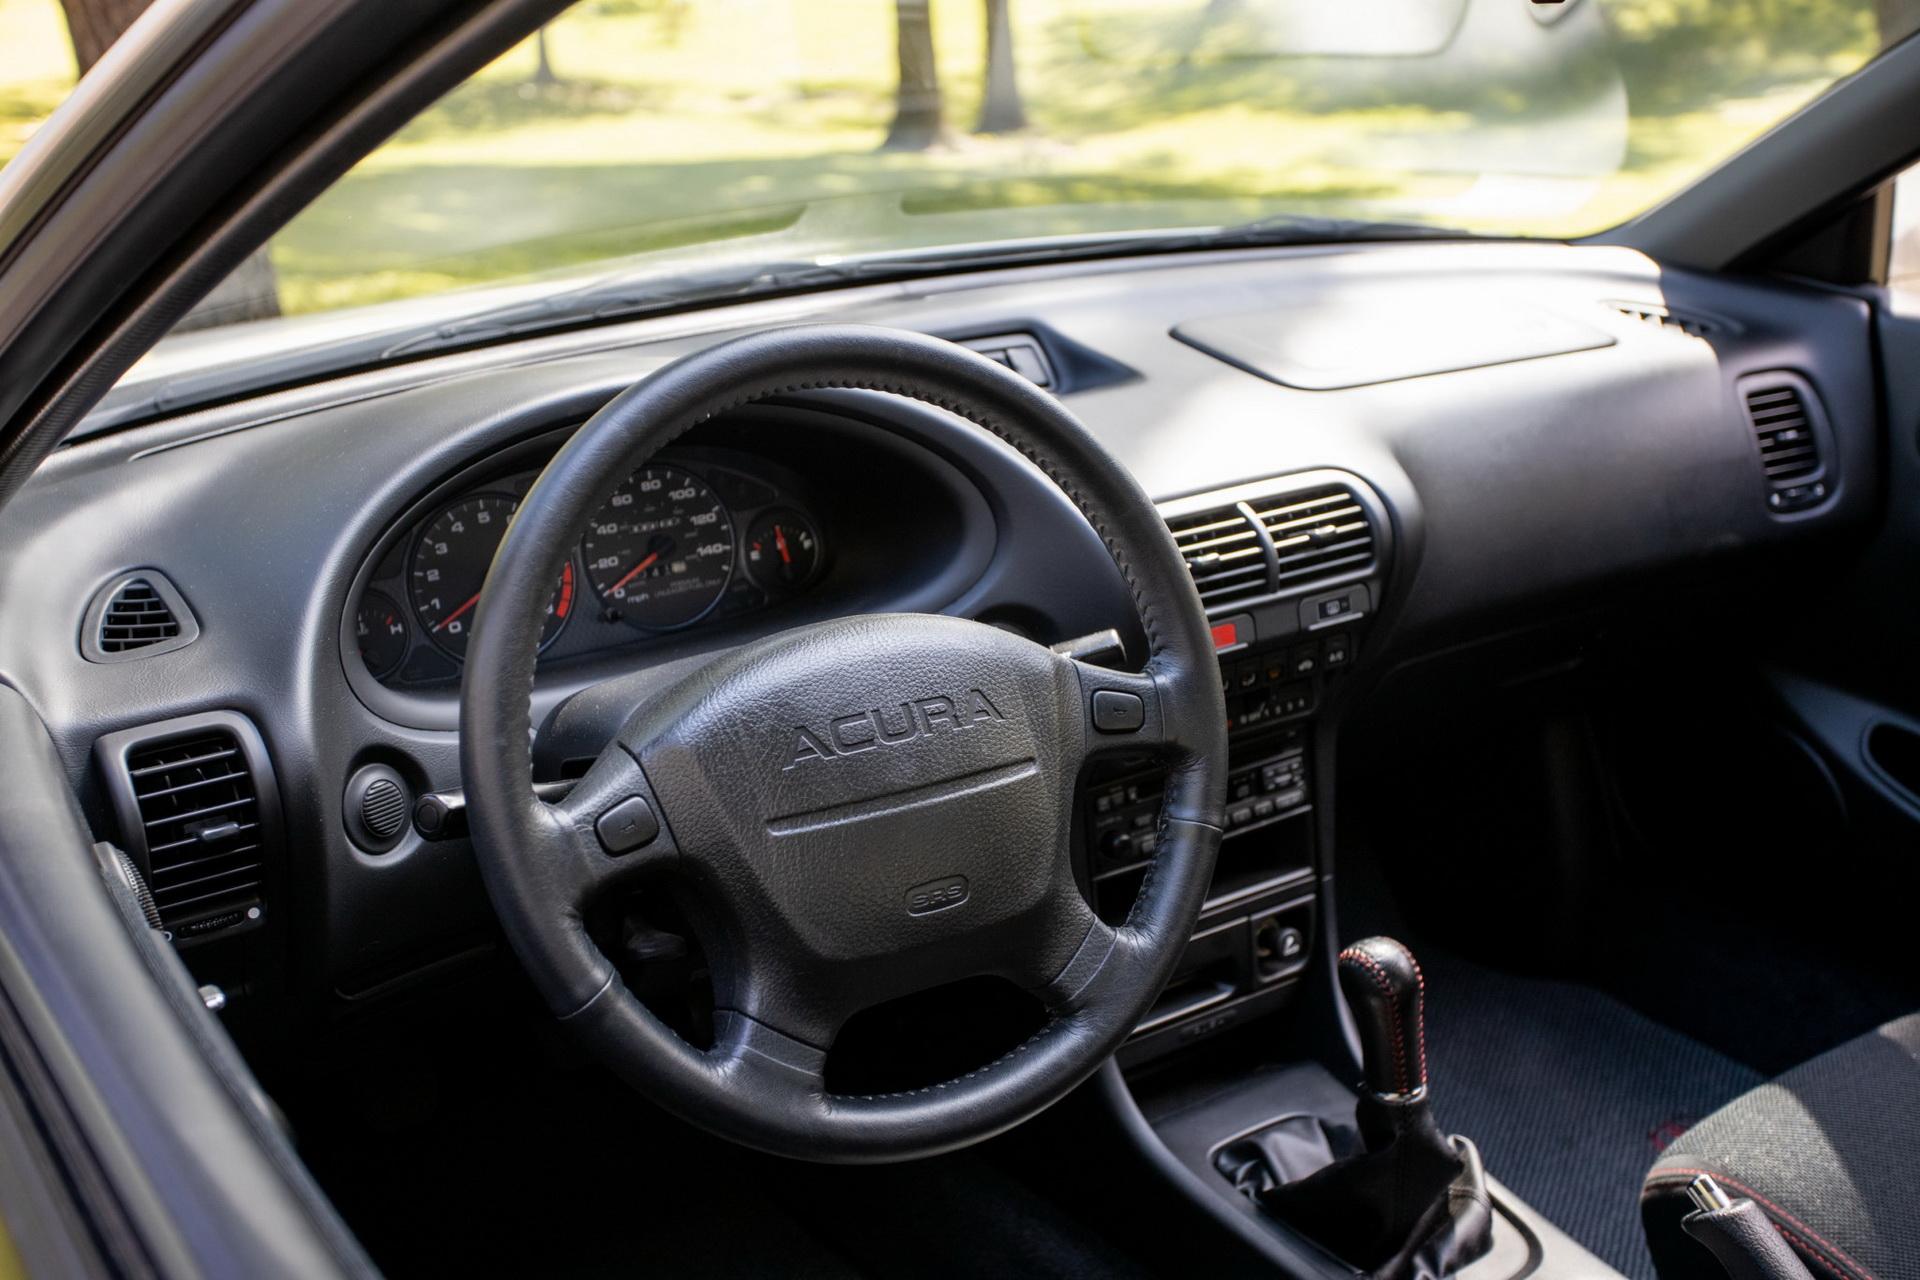 Старую 20-летнюю Acura выставили на продажу по цене нового BMW X6